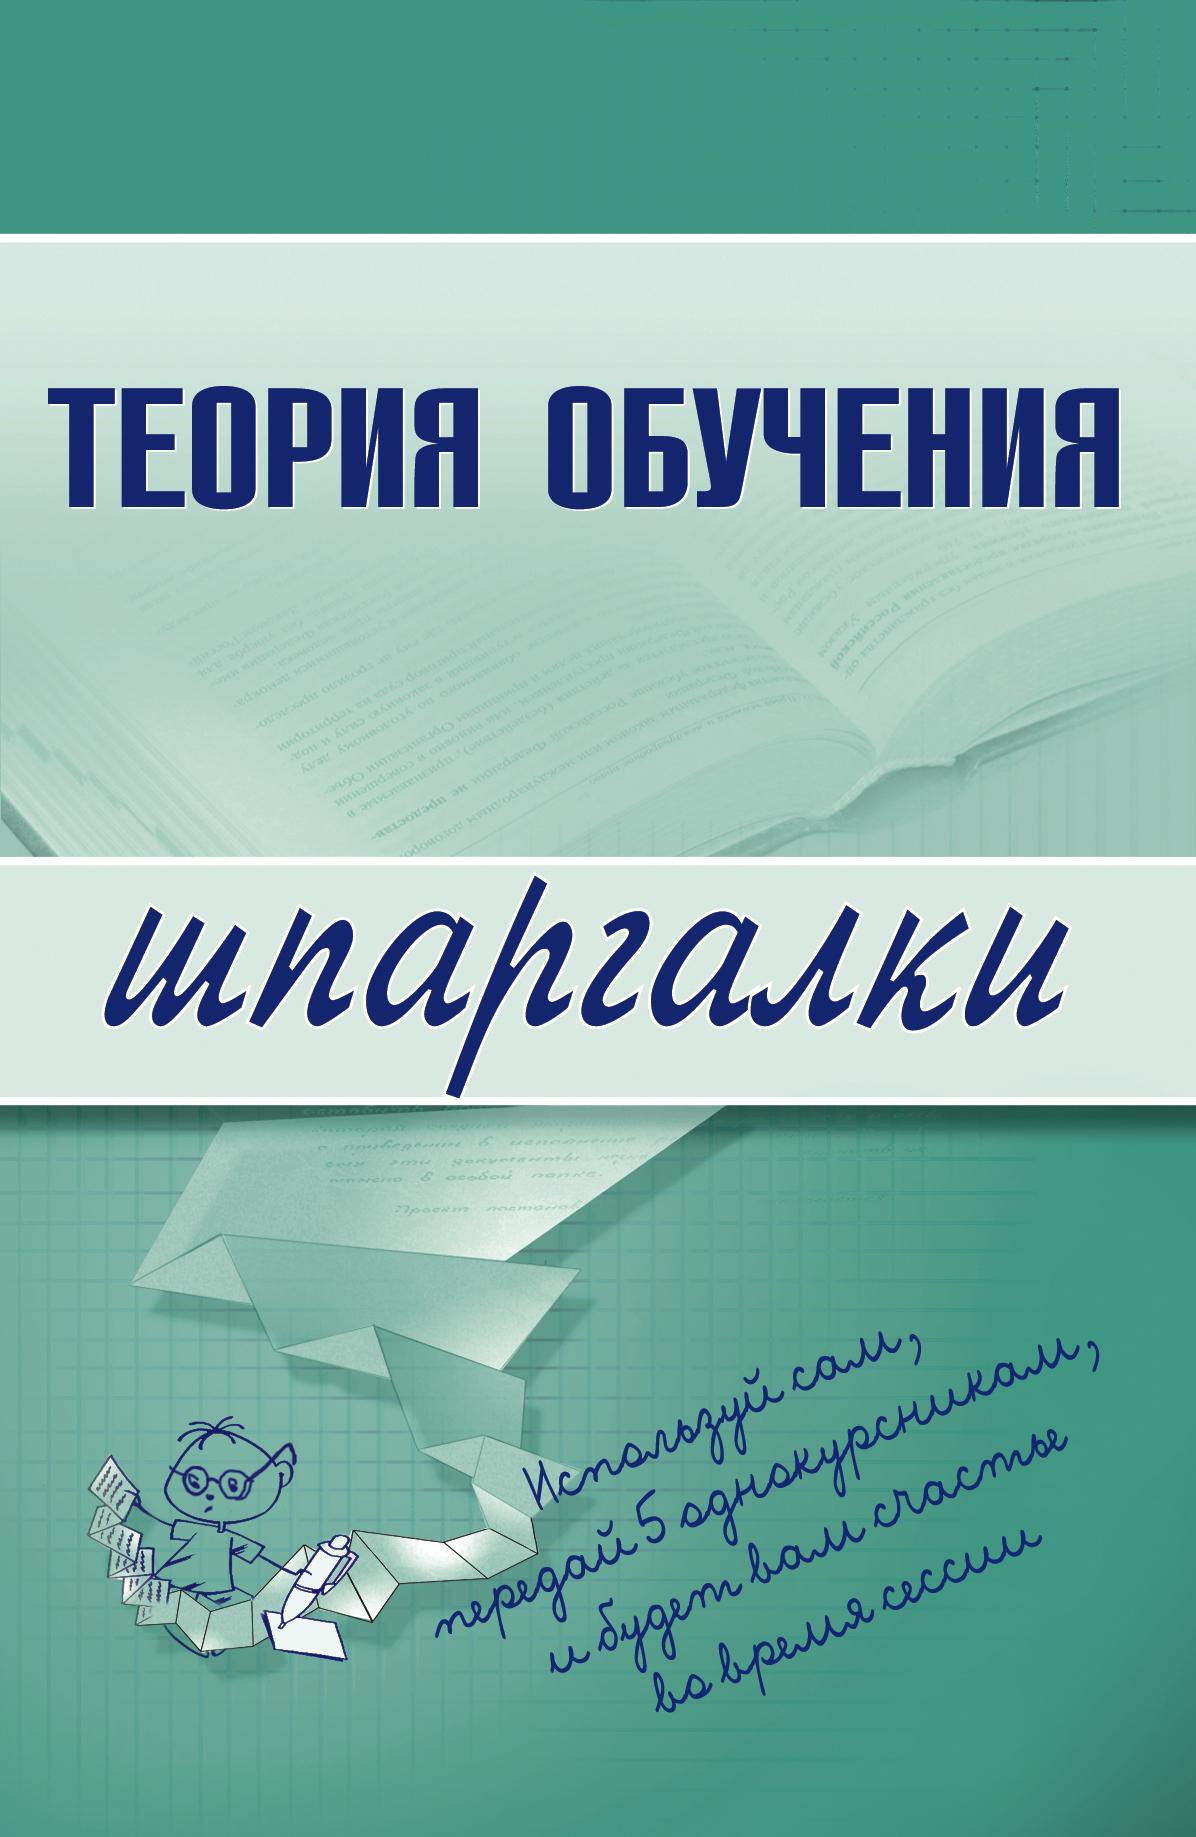 Коллектив авторов Теория обучения коллектив авторов теория обучения конспект лекций isbn 978 5 699 25593 1